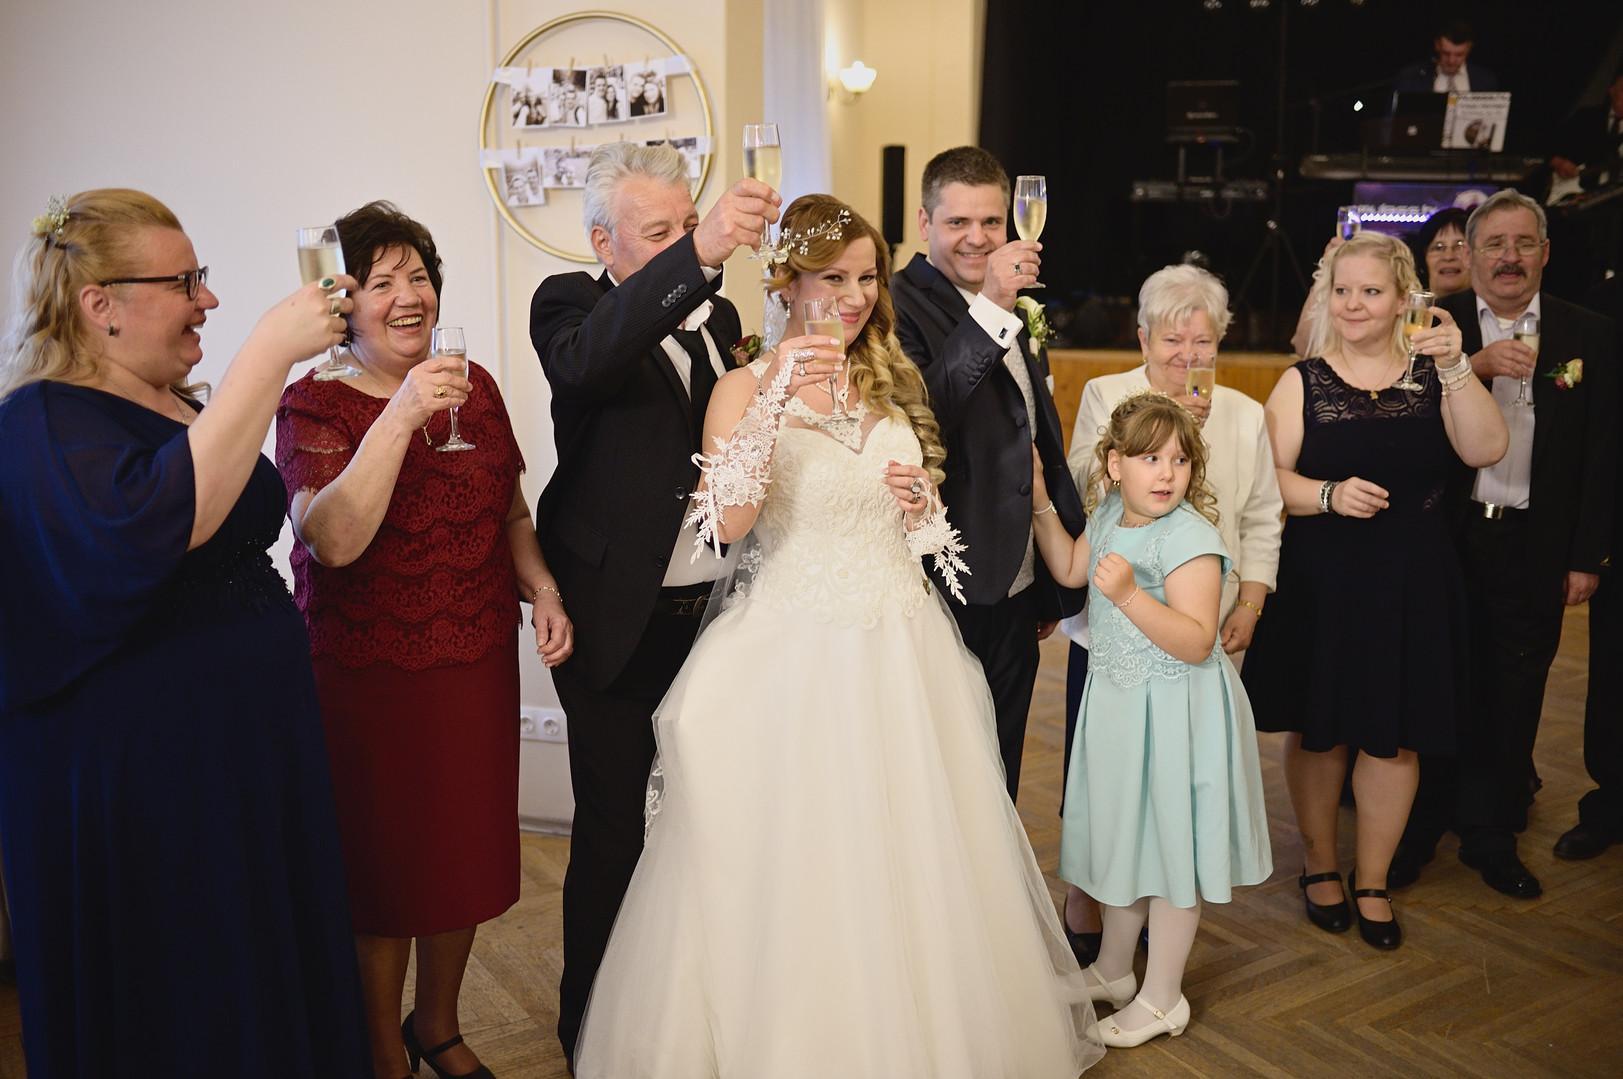 392  Esküvői fotózás - Enikő és Peti Bul